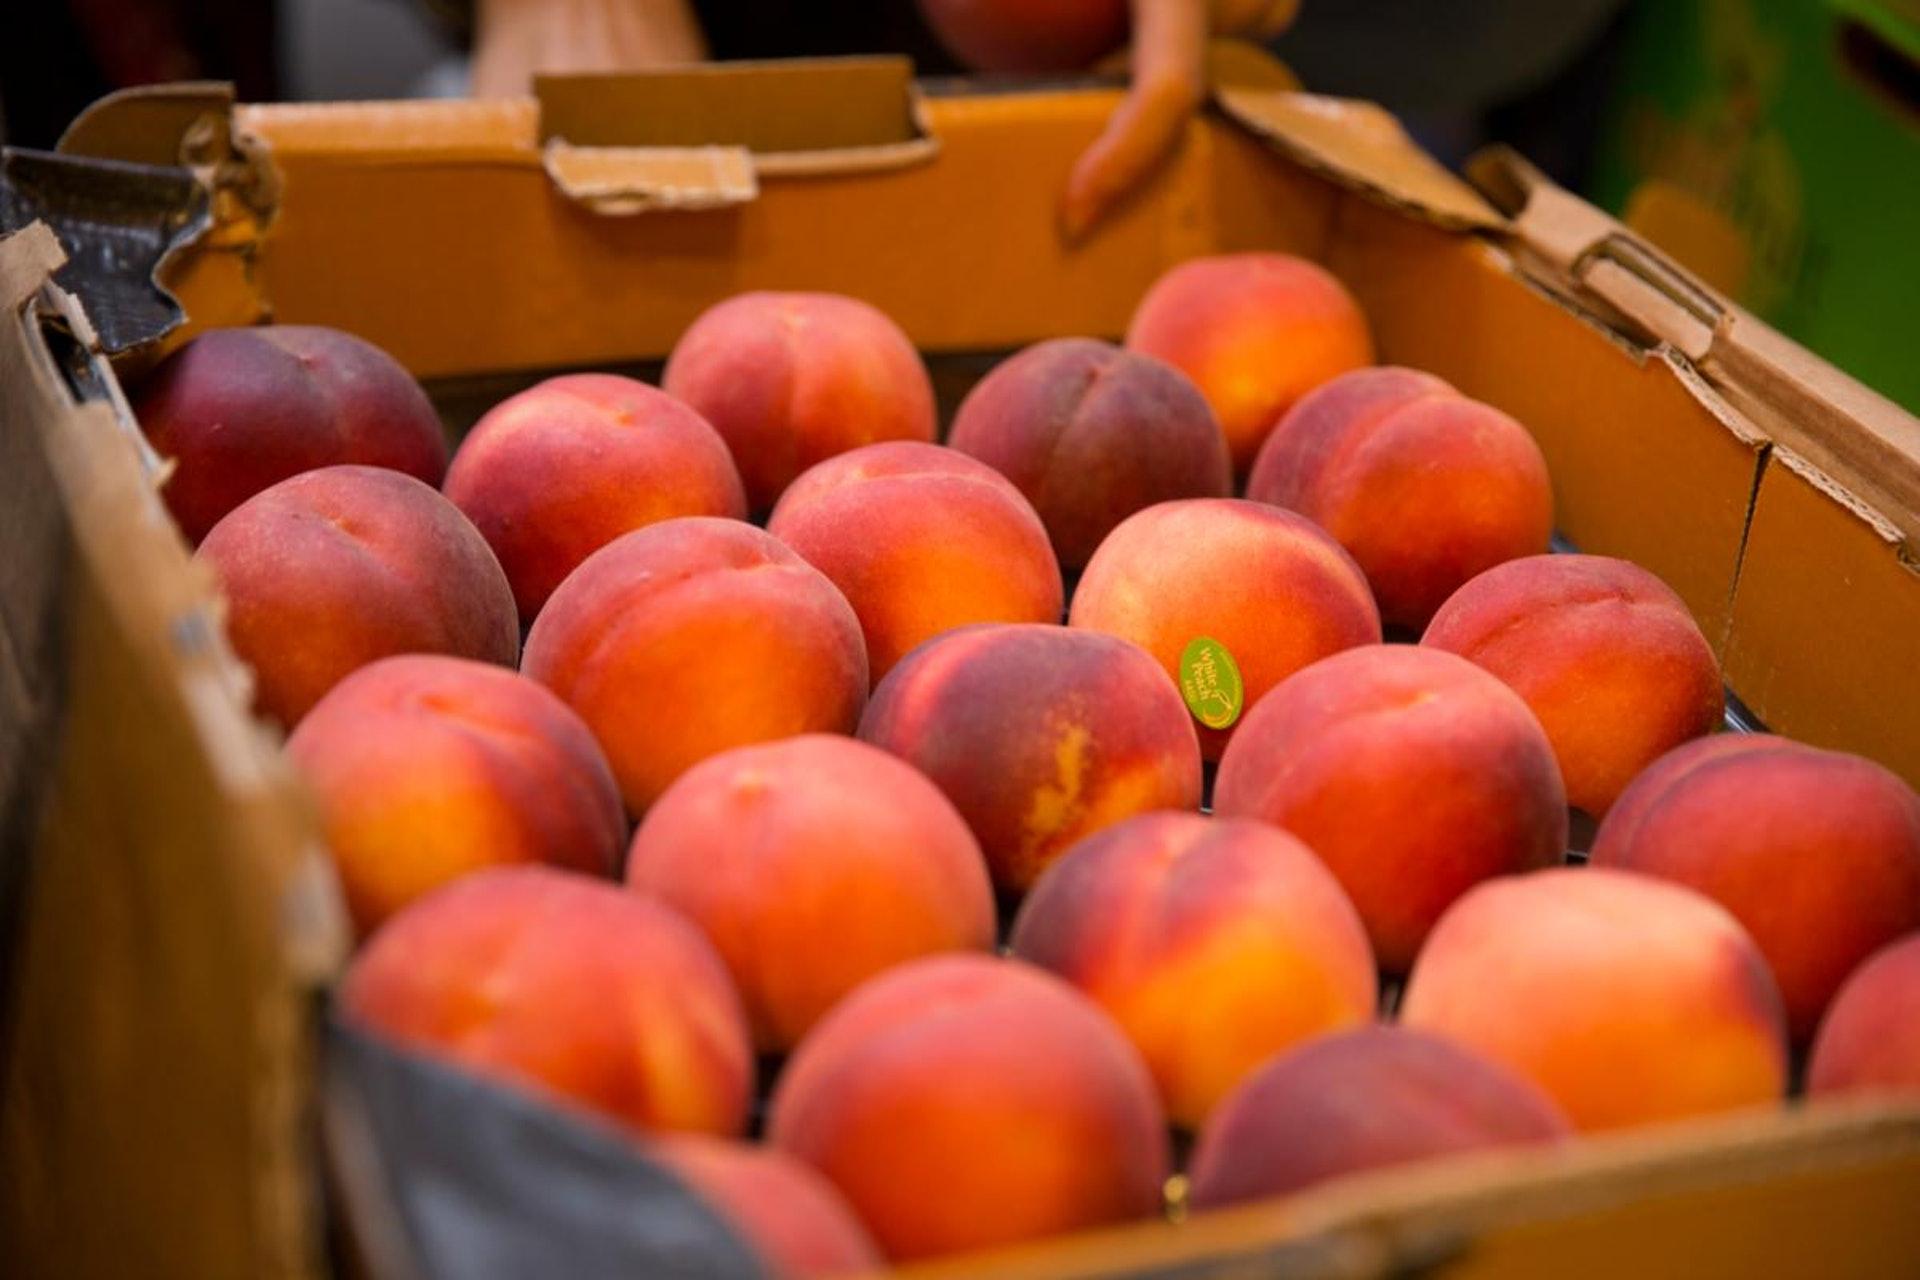 如果水果肉質已變軟,那麼洗掉了霉菌也不應進食。(資料圖片)